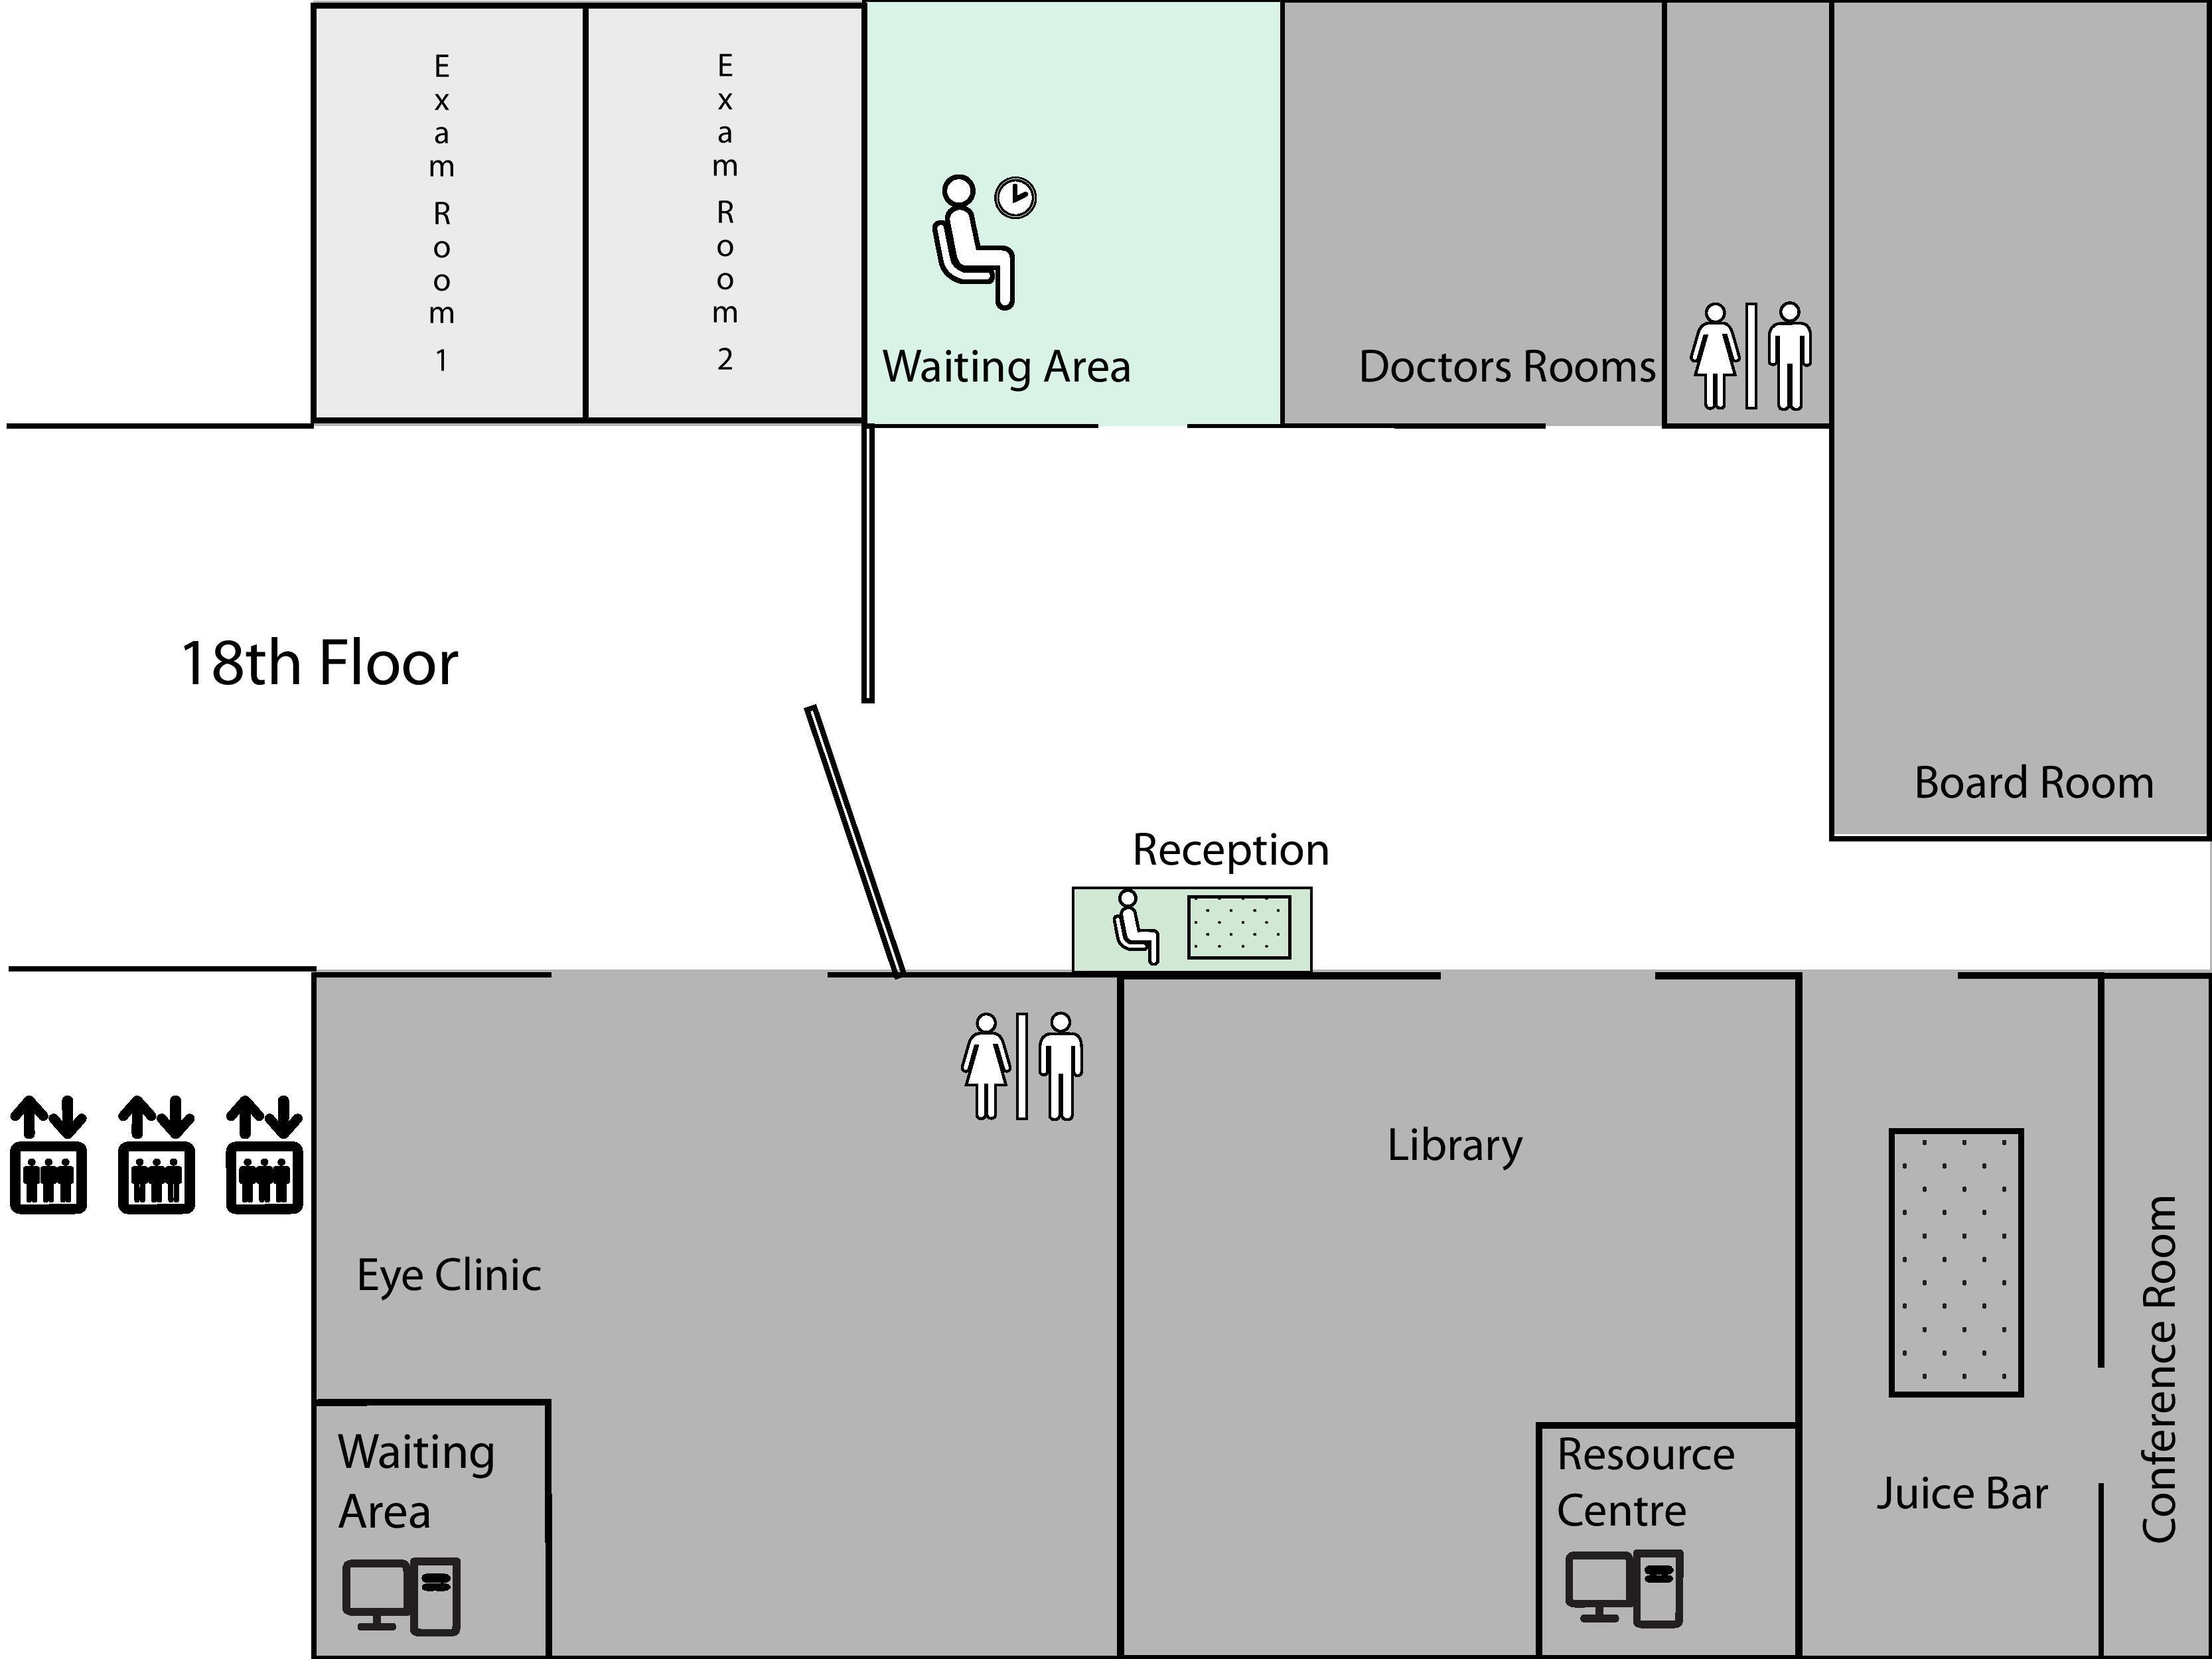 Princess margaret cancer centre toronto lantai 8 peta peta peta dari princess margaret cancer centre toronto lantai 8 ccuart Gallery